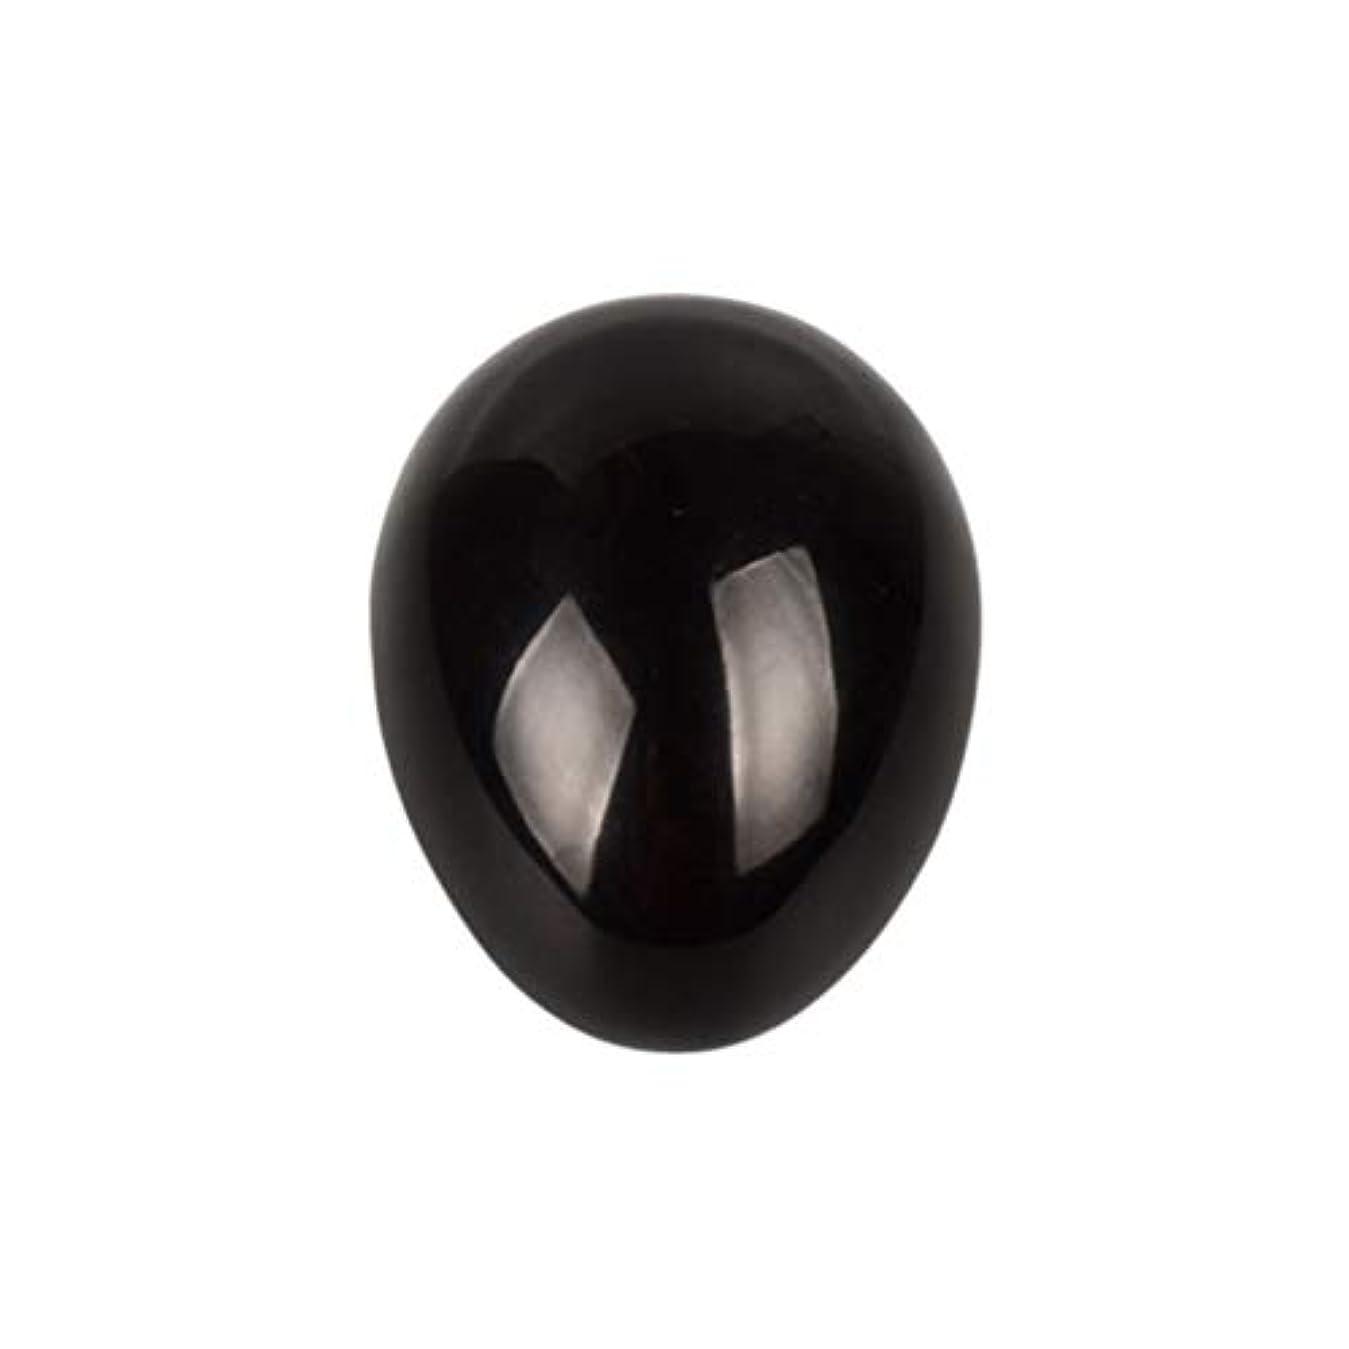 故障中サーフィンスモッグHealifty 癒しの瞑想のための黒い黒曜石の宝石の卵球チャクラのバランスと家の装飾45 * 30 * 30ミリメートル